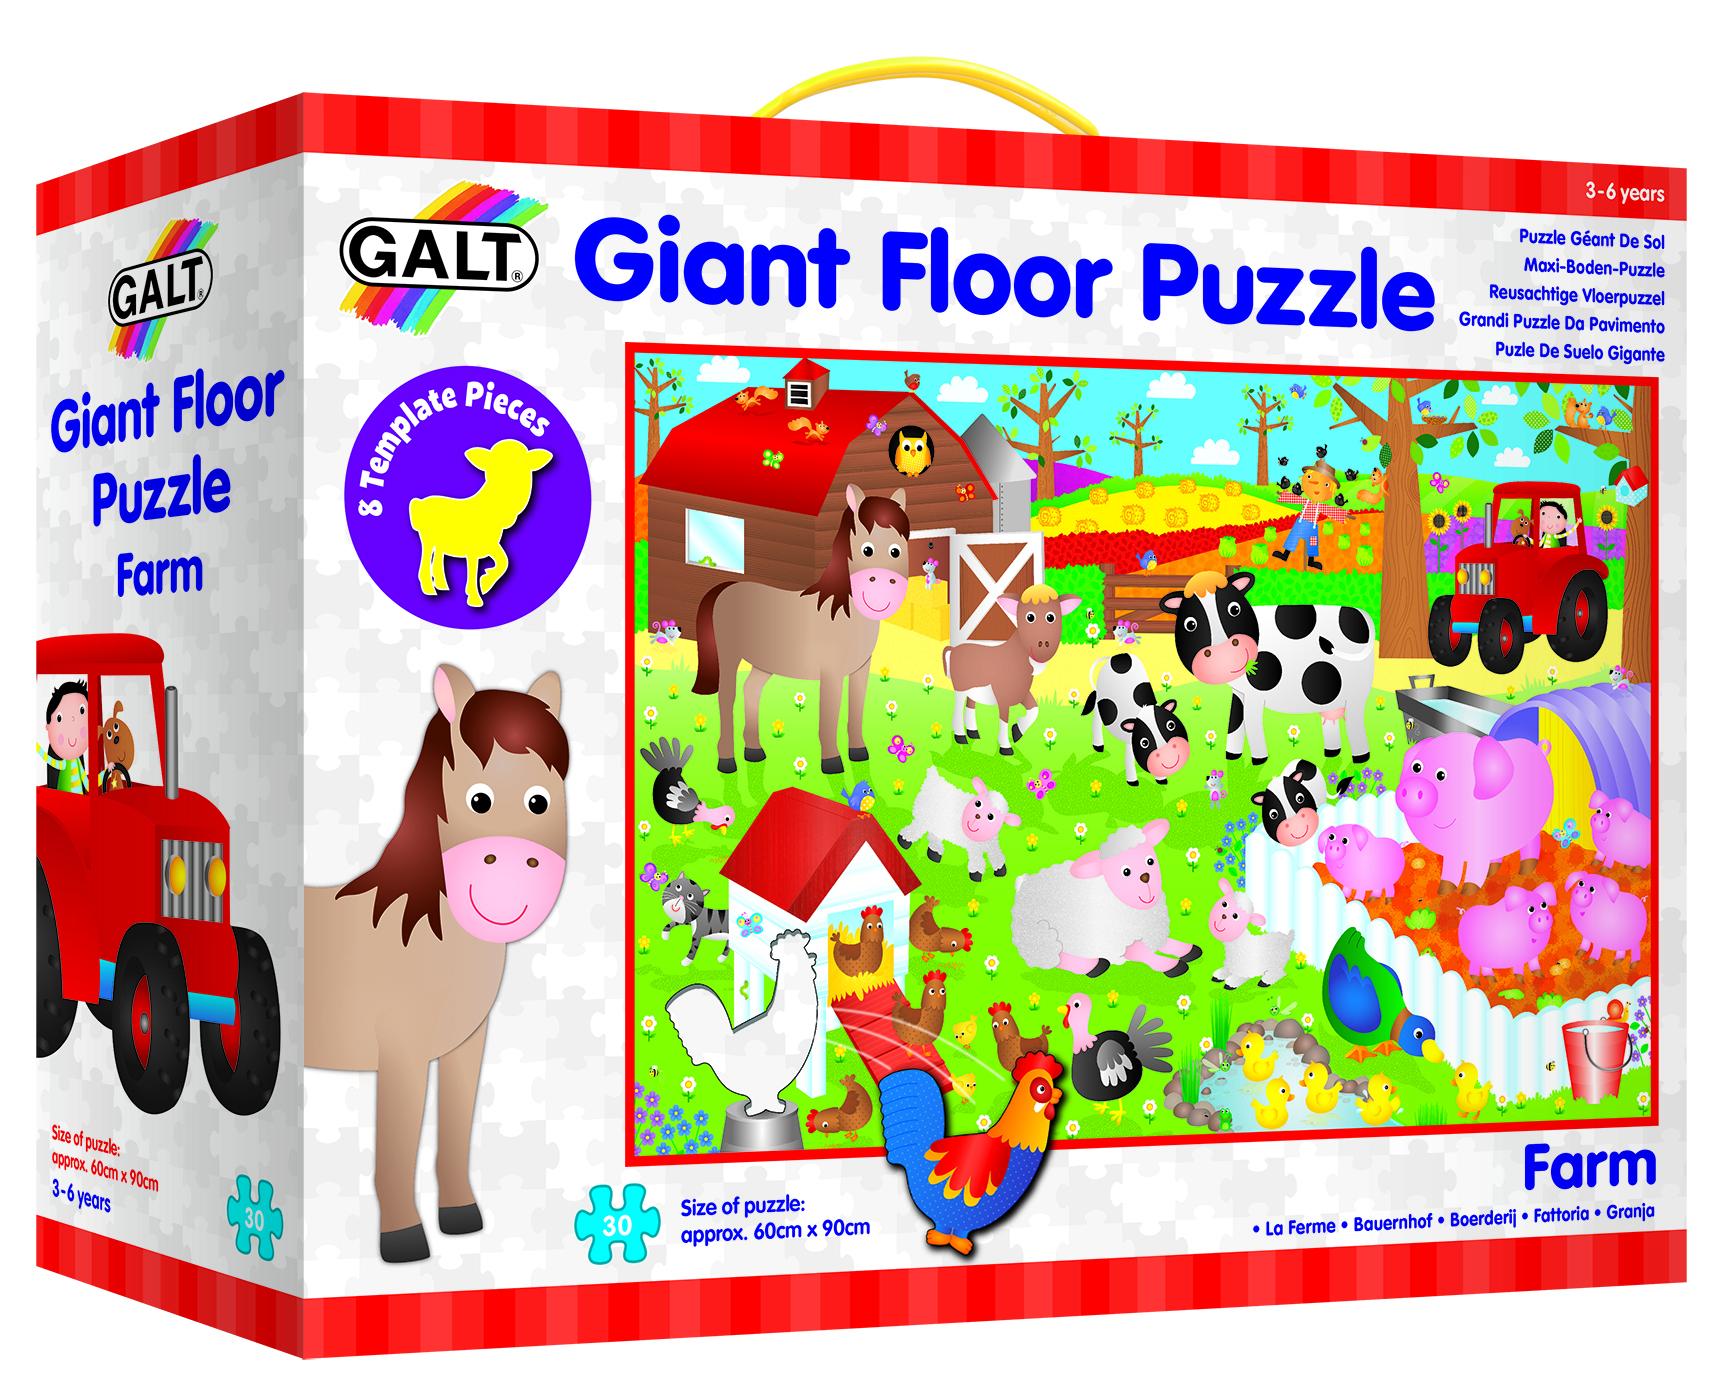 英国Galt 大型地板拼图 寓教于乐 动物认知 训练宝宝思维能力